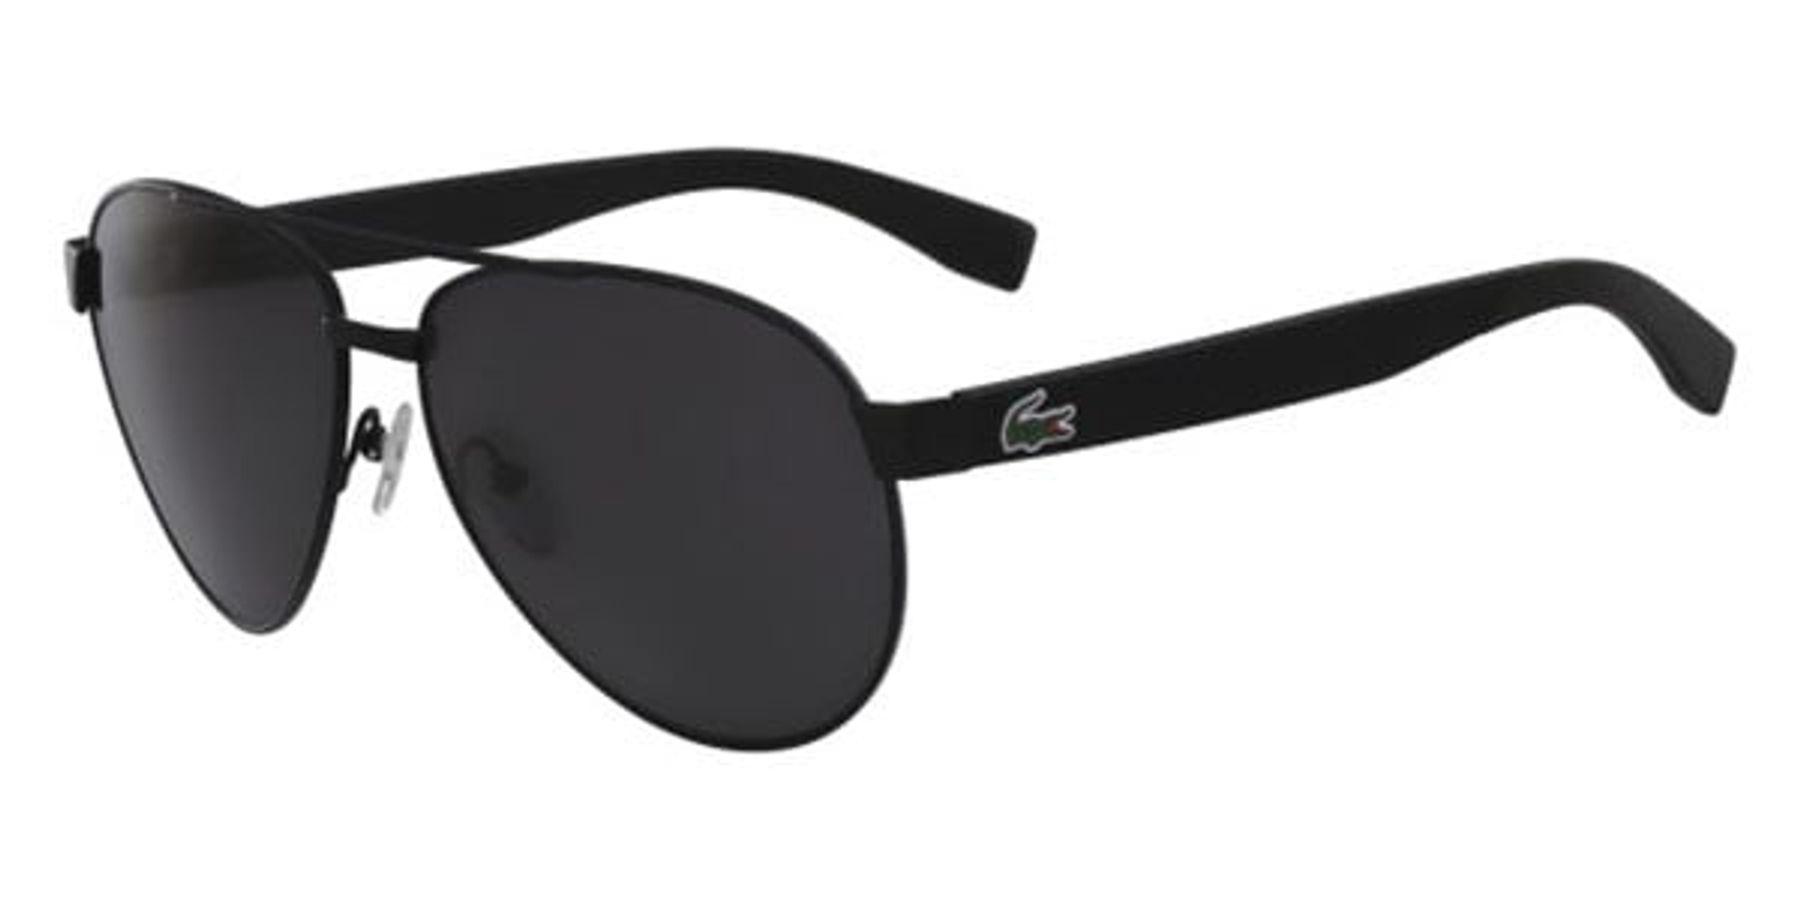 Mắt Kính Lacoste L185S 001 Black Matte Sunglasses